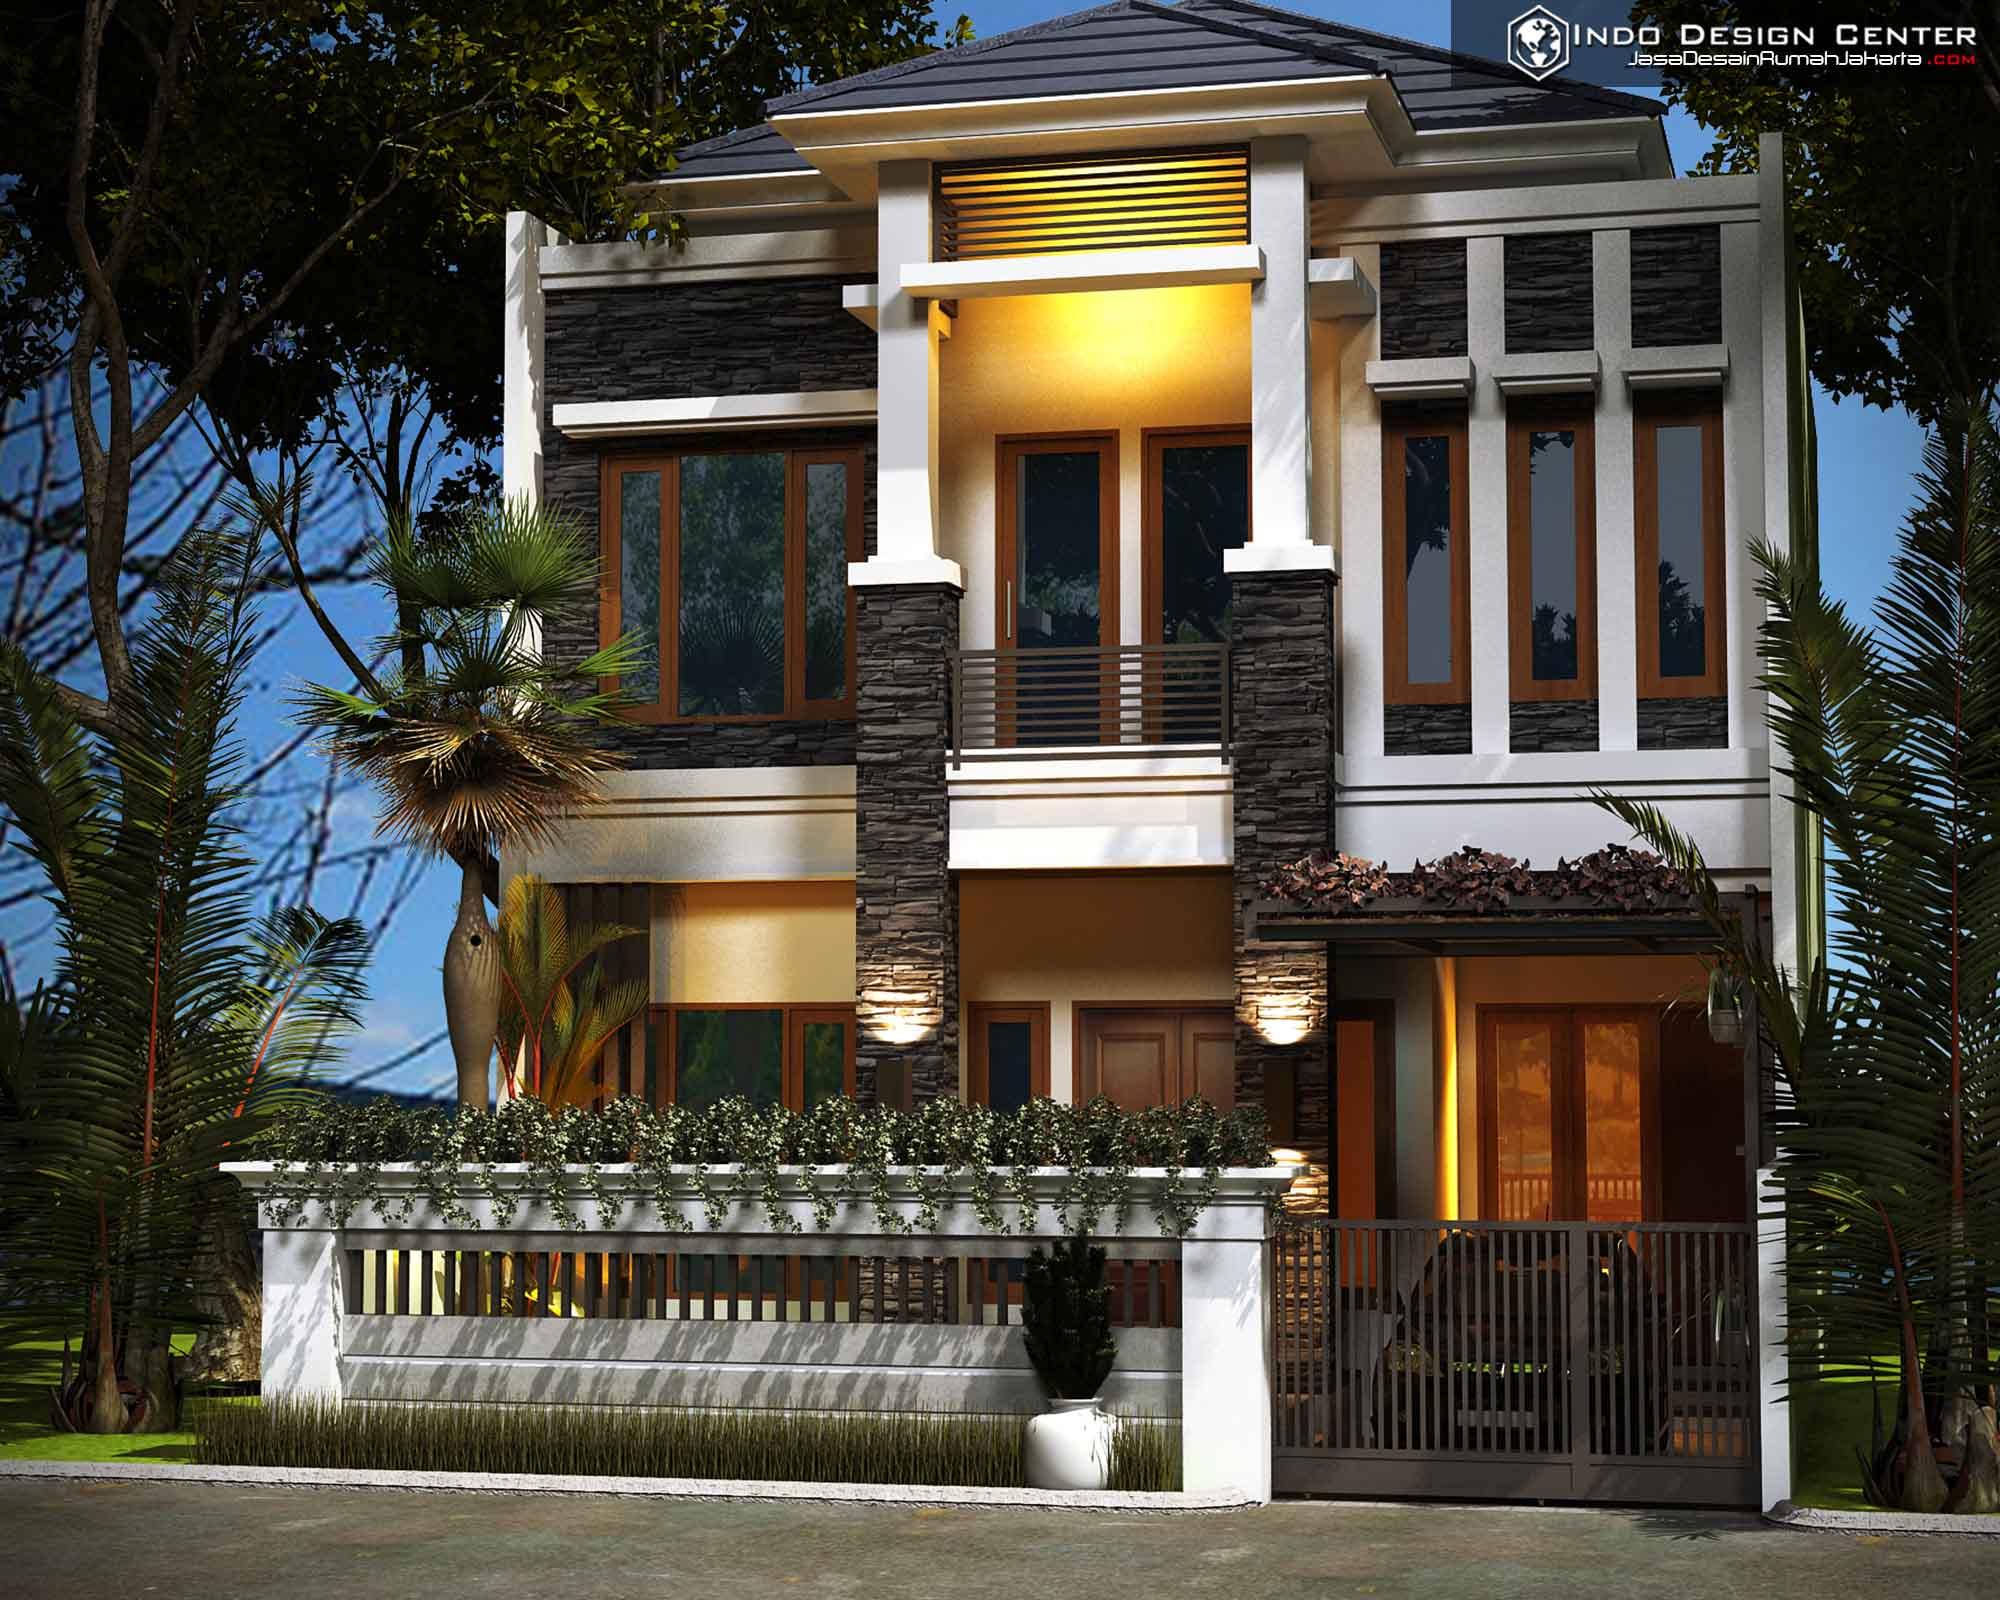 Gambar Rumah Modern Minimalis 2 Lantai - Jasa Desain Rumah ...